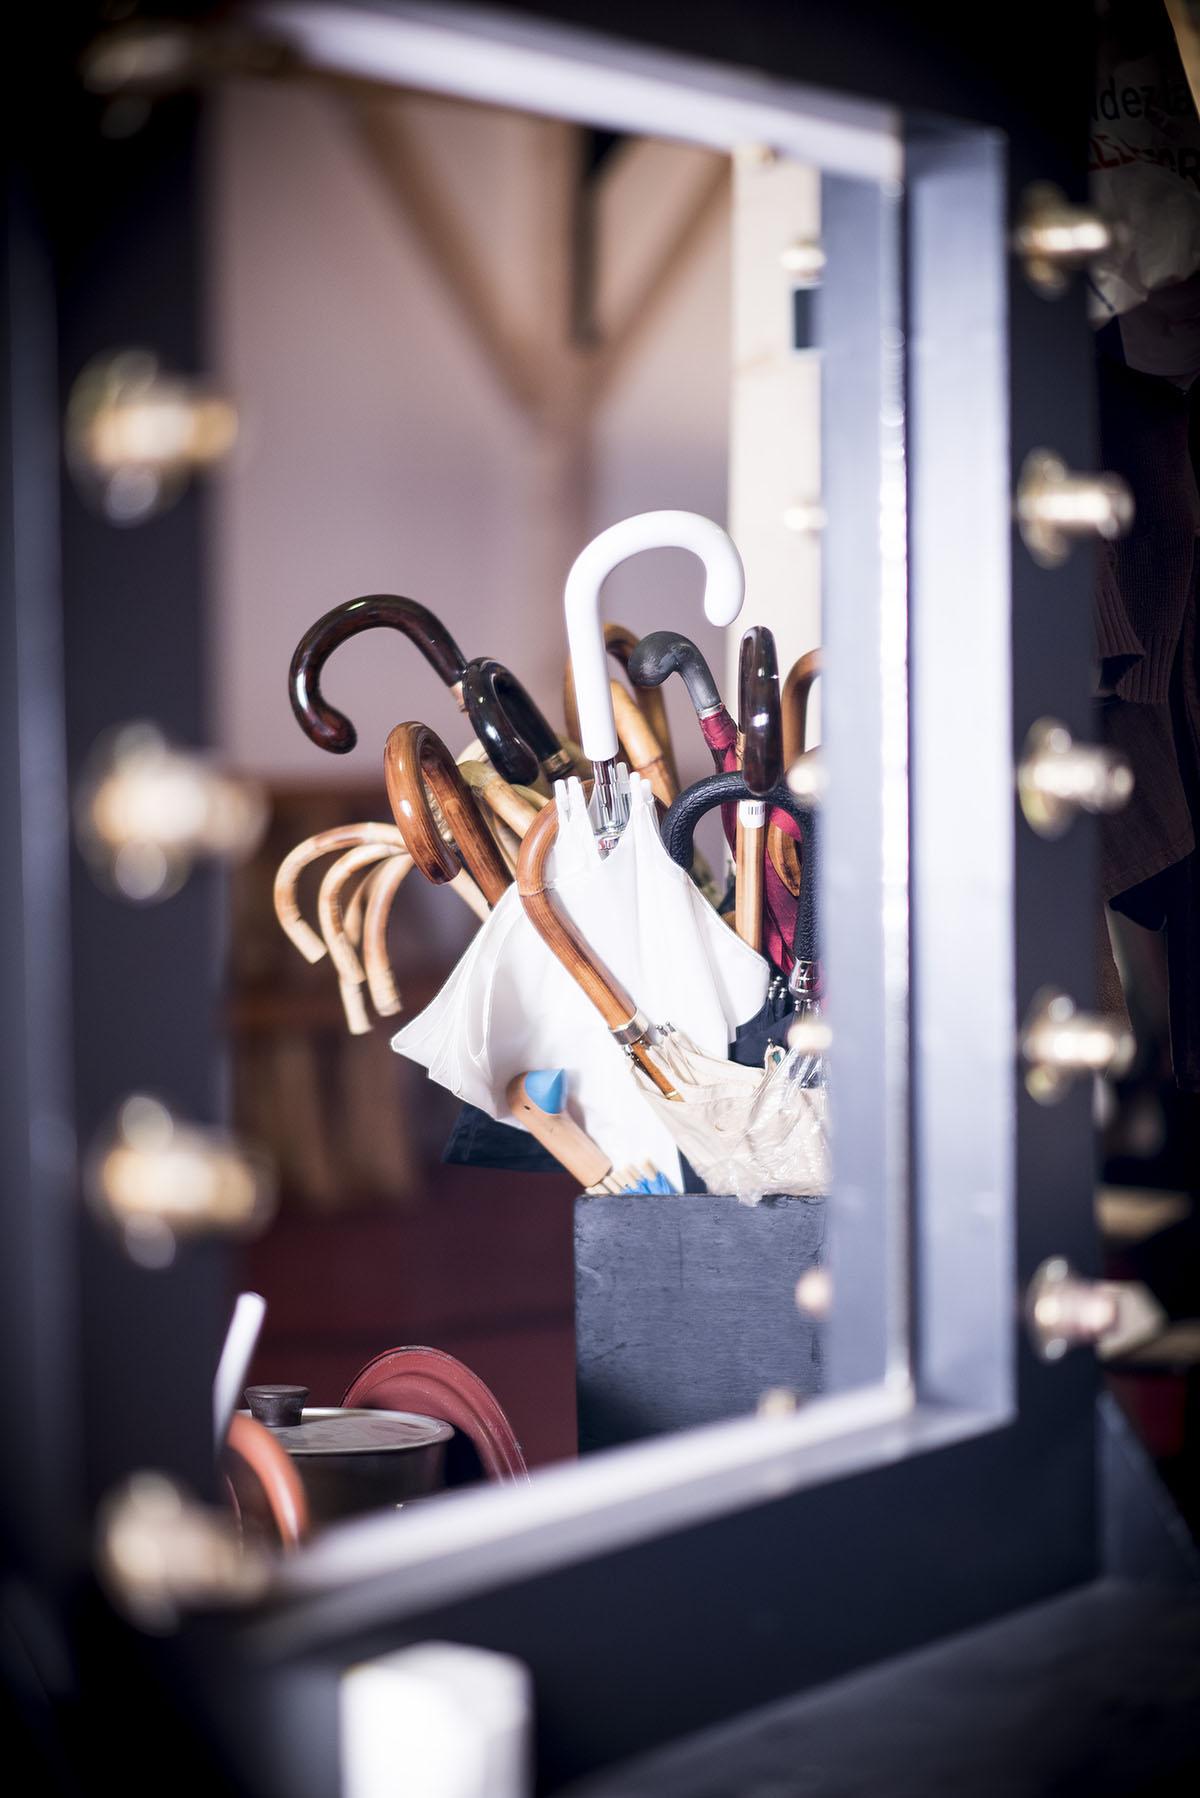 bouquet-de-parapluies-accesoires-de-theatre-miroir-comédiens-theatre-regional-des-pays-de-la-loire